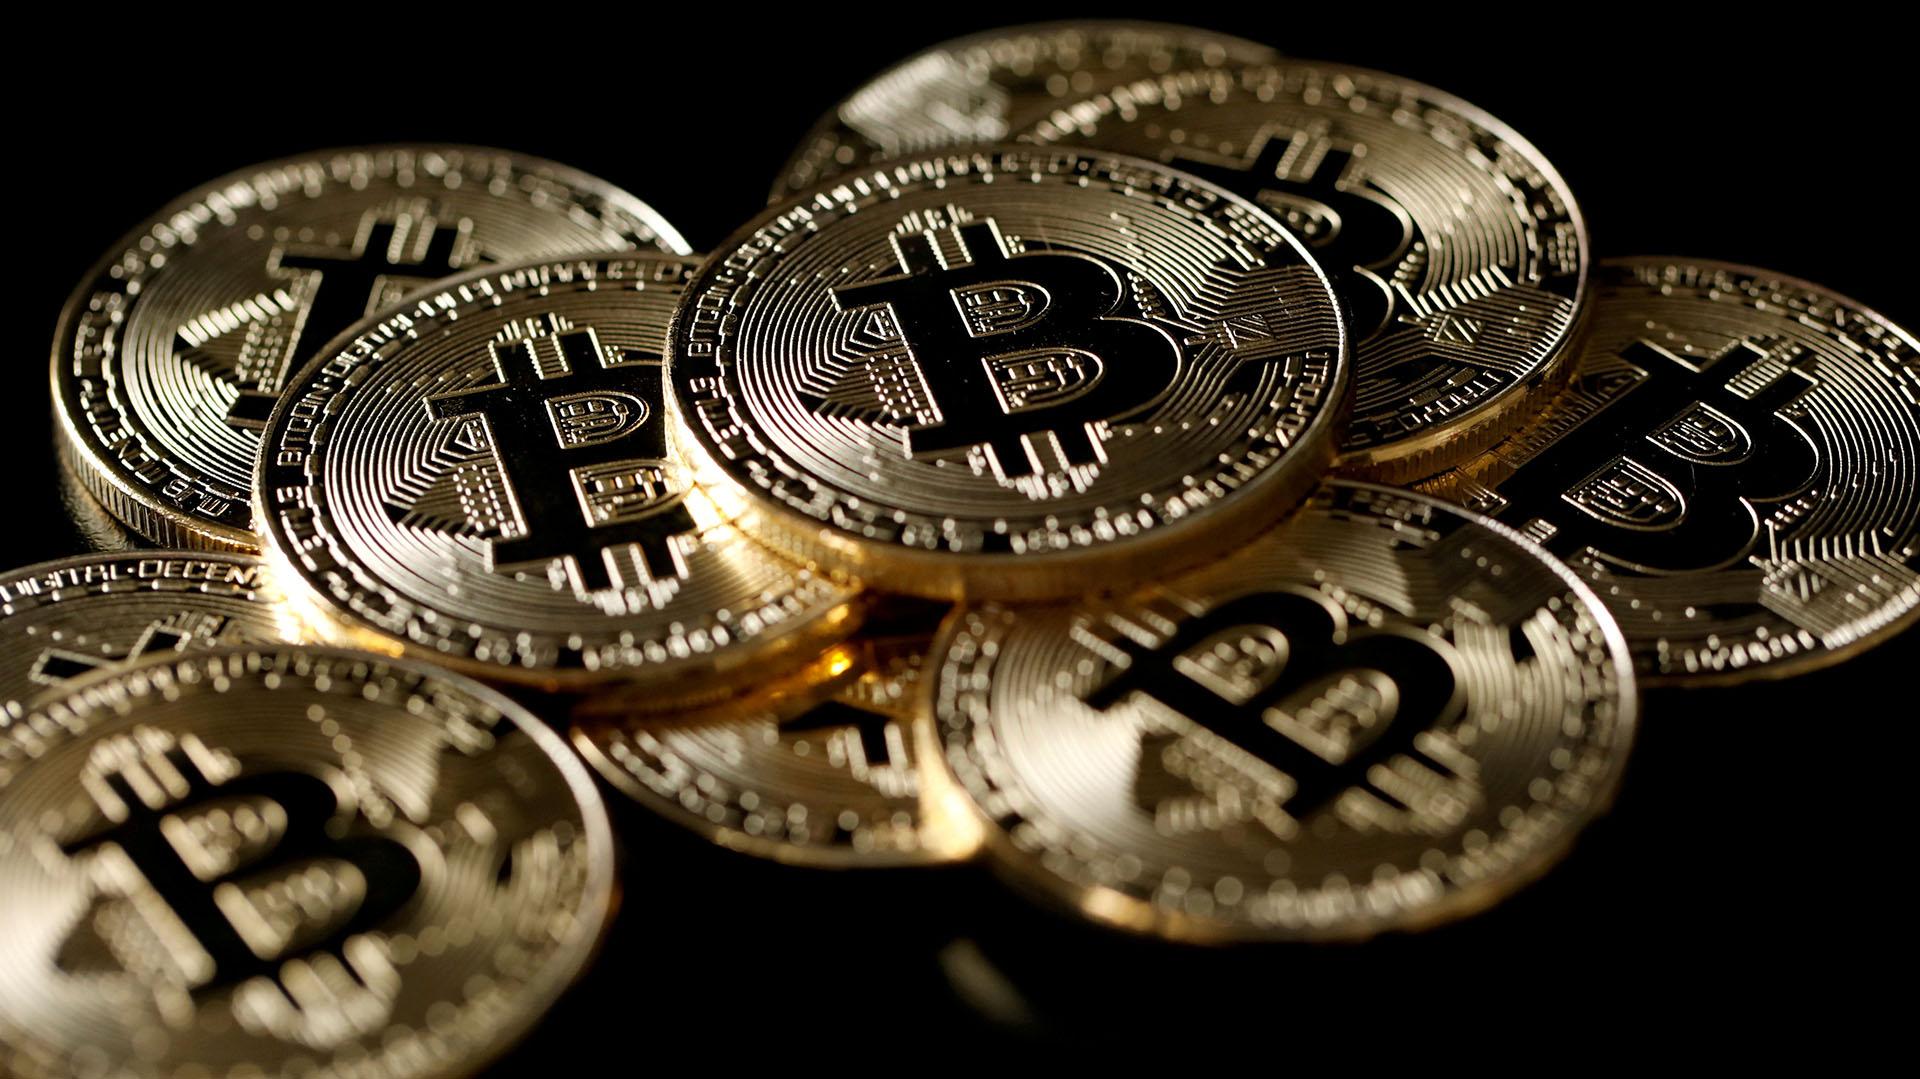 El bitcoin es propenso a fluctuaciones repentinas de valor (Foto: Reuters)